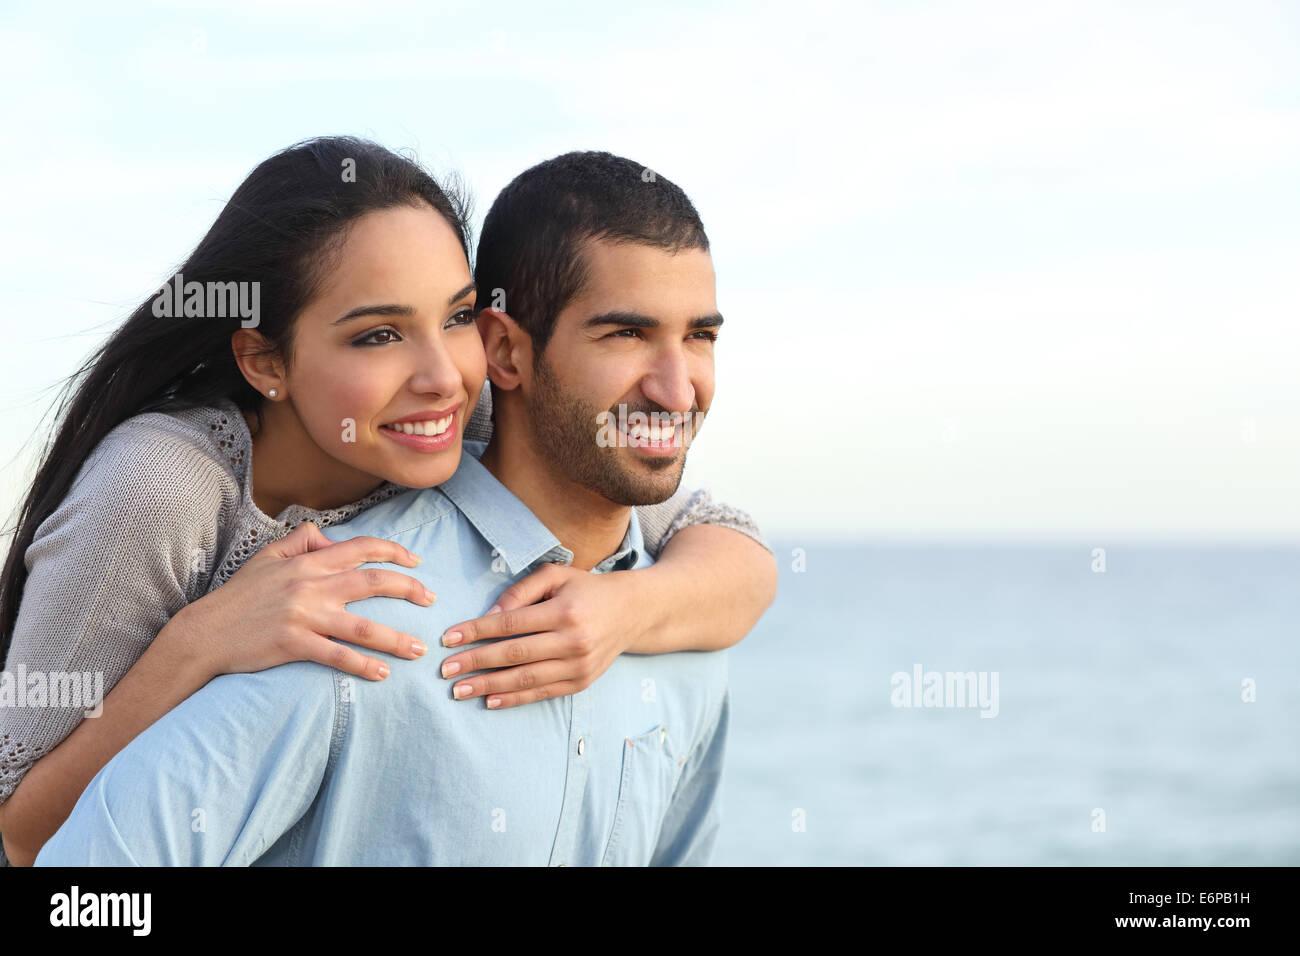 Arab giovane flirtare sovrapponibile in amore sulla spiaggia con il mare in background Immagini Stock